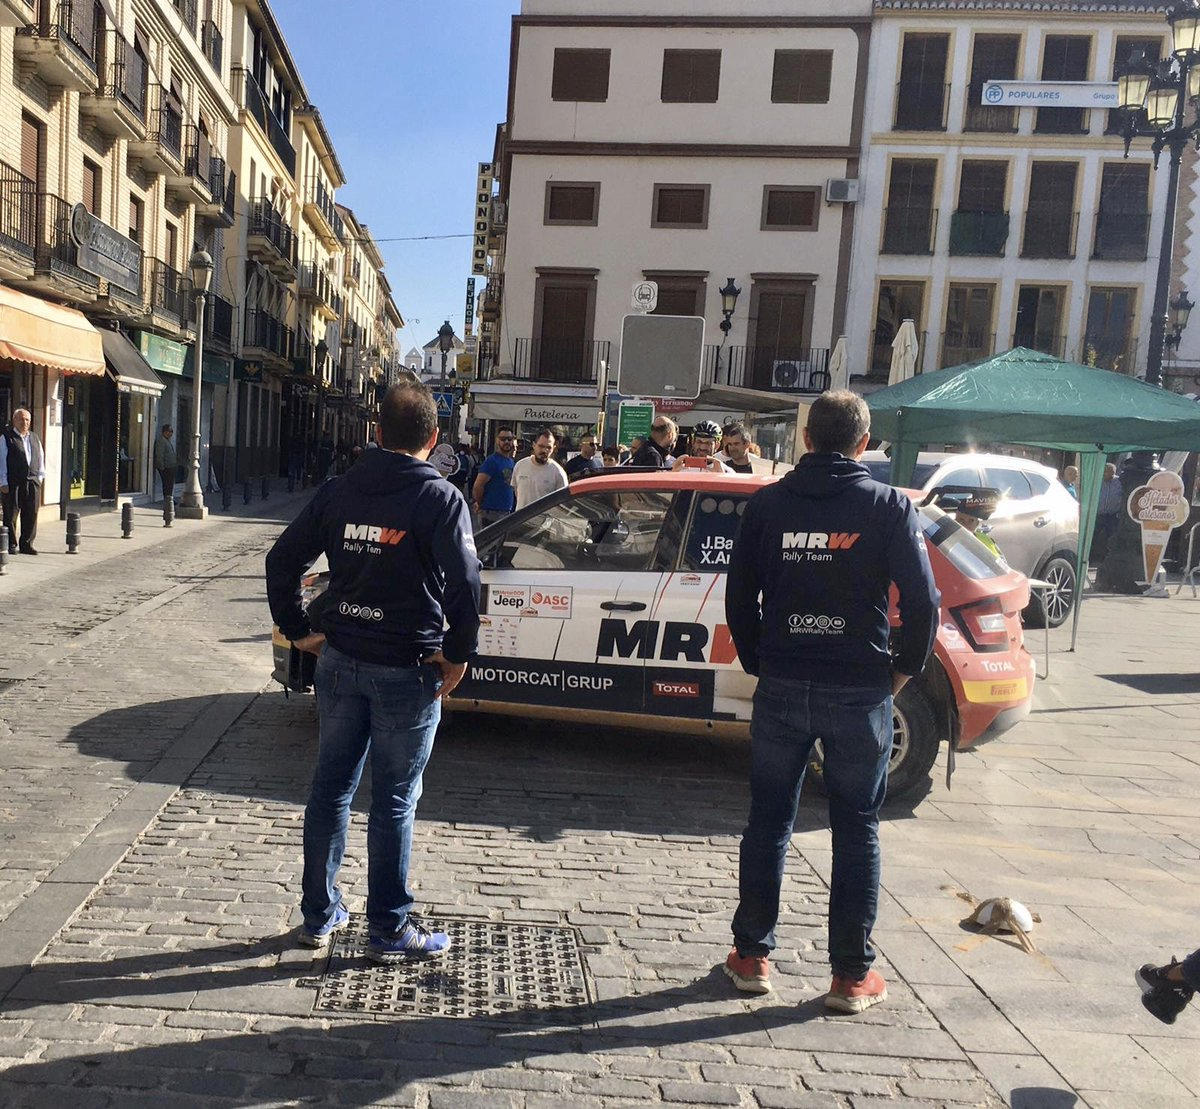 SCER + CERT: VI Rallye Ciudad de Granada [18-19 Octubre] - Página 3 EHPIm_4XUAIEQcL